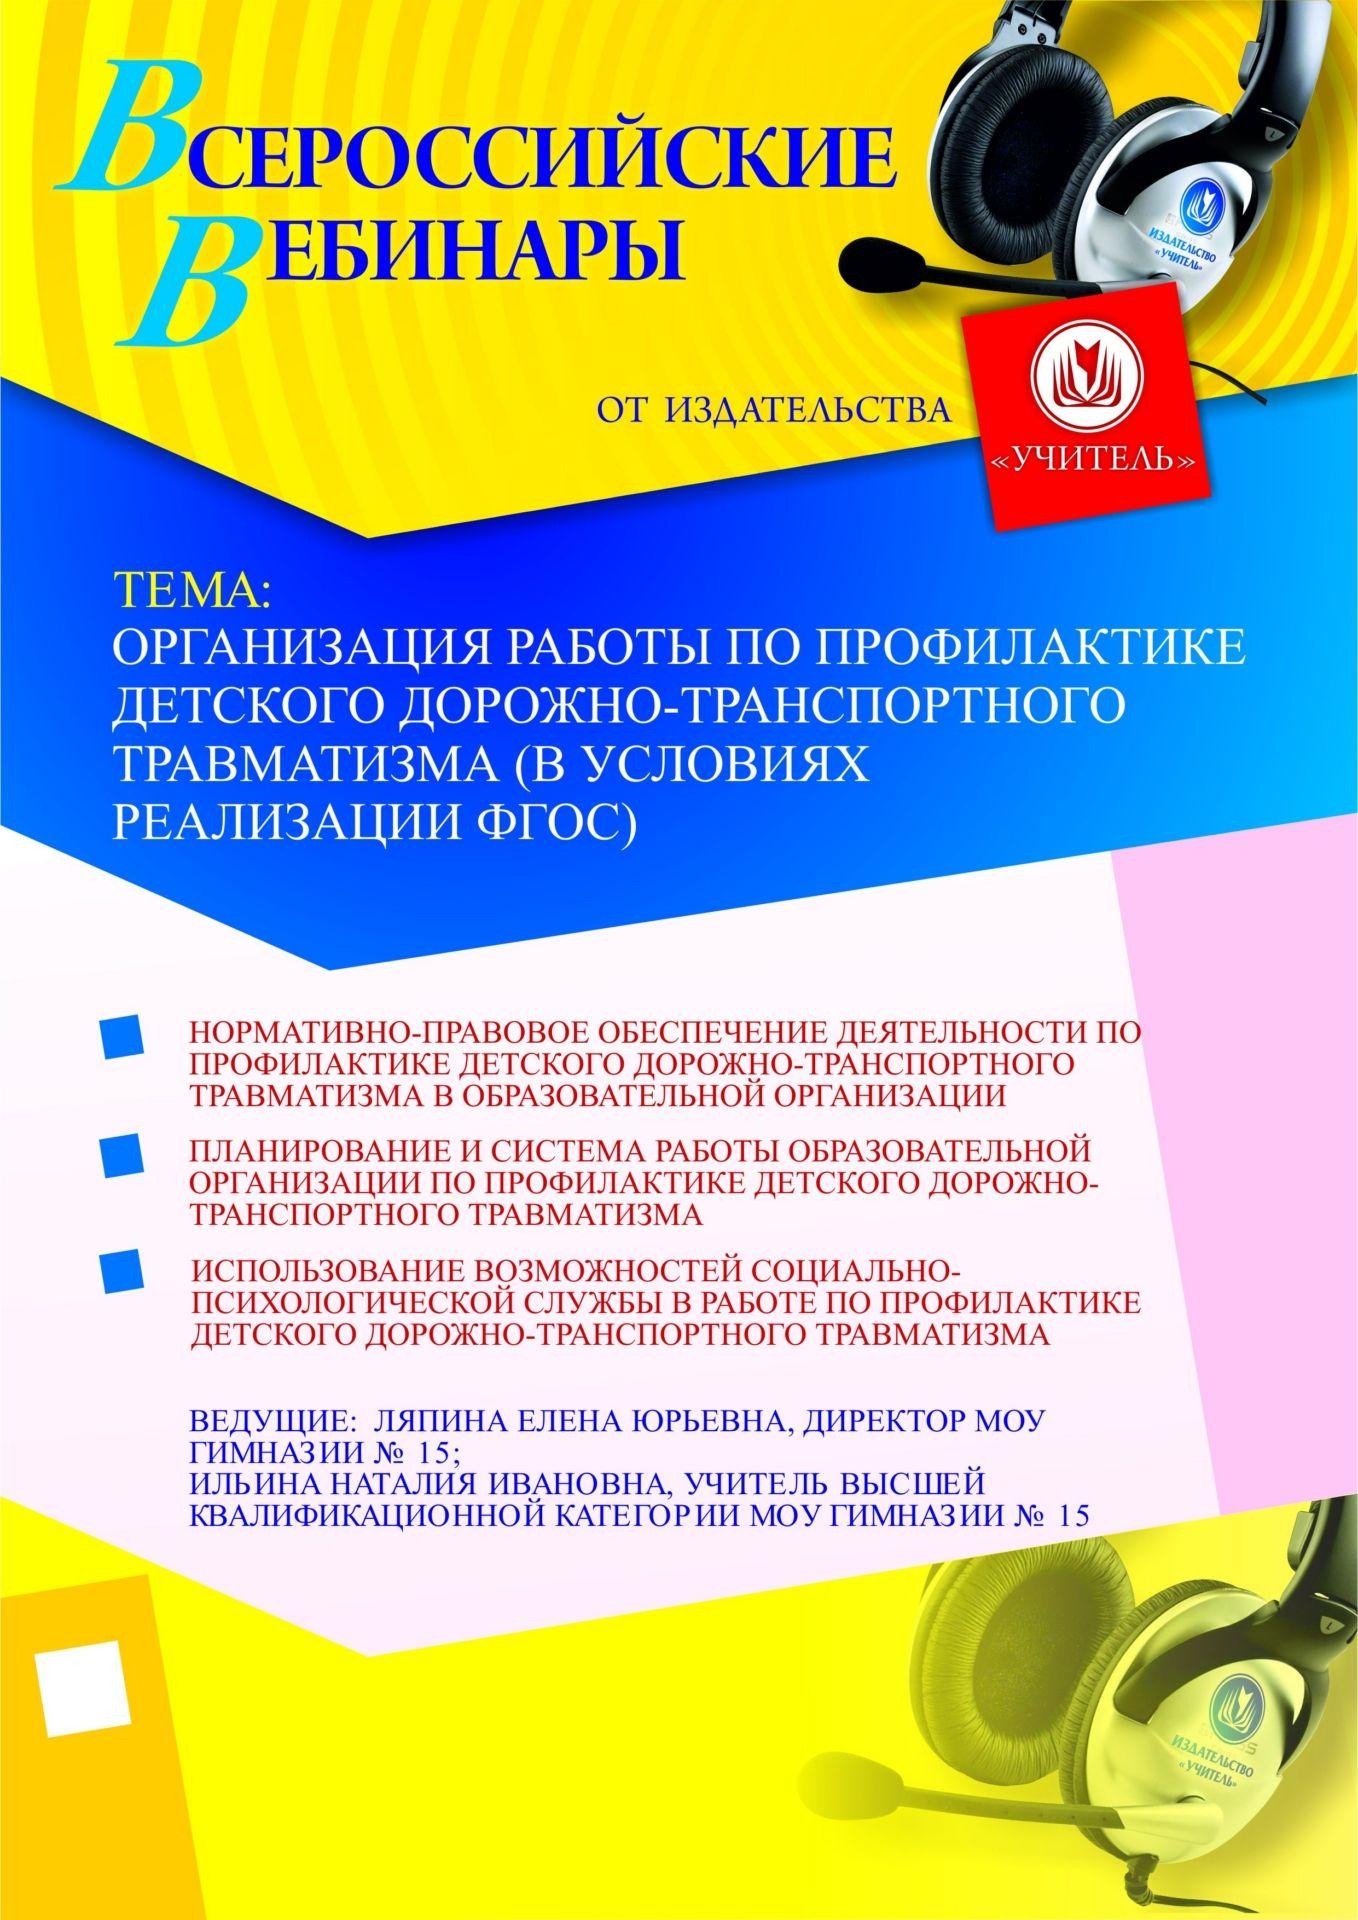 Организация работы по профилактике детского дорожно-транспортного травматизма (в условиях реализации ФГОС) фото